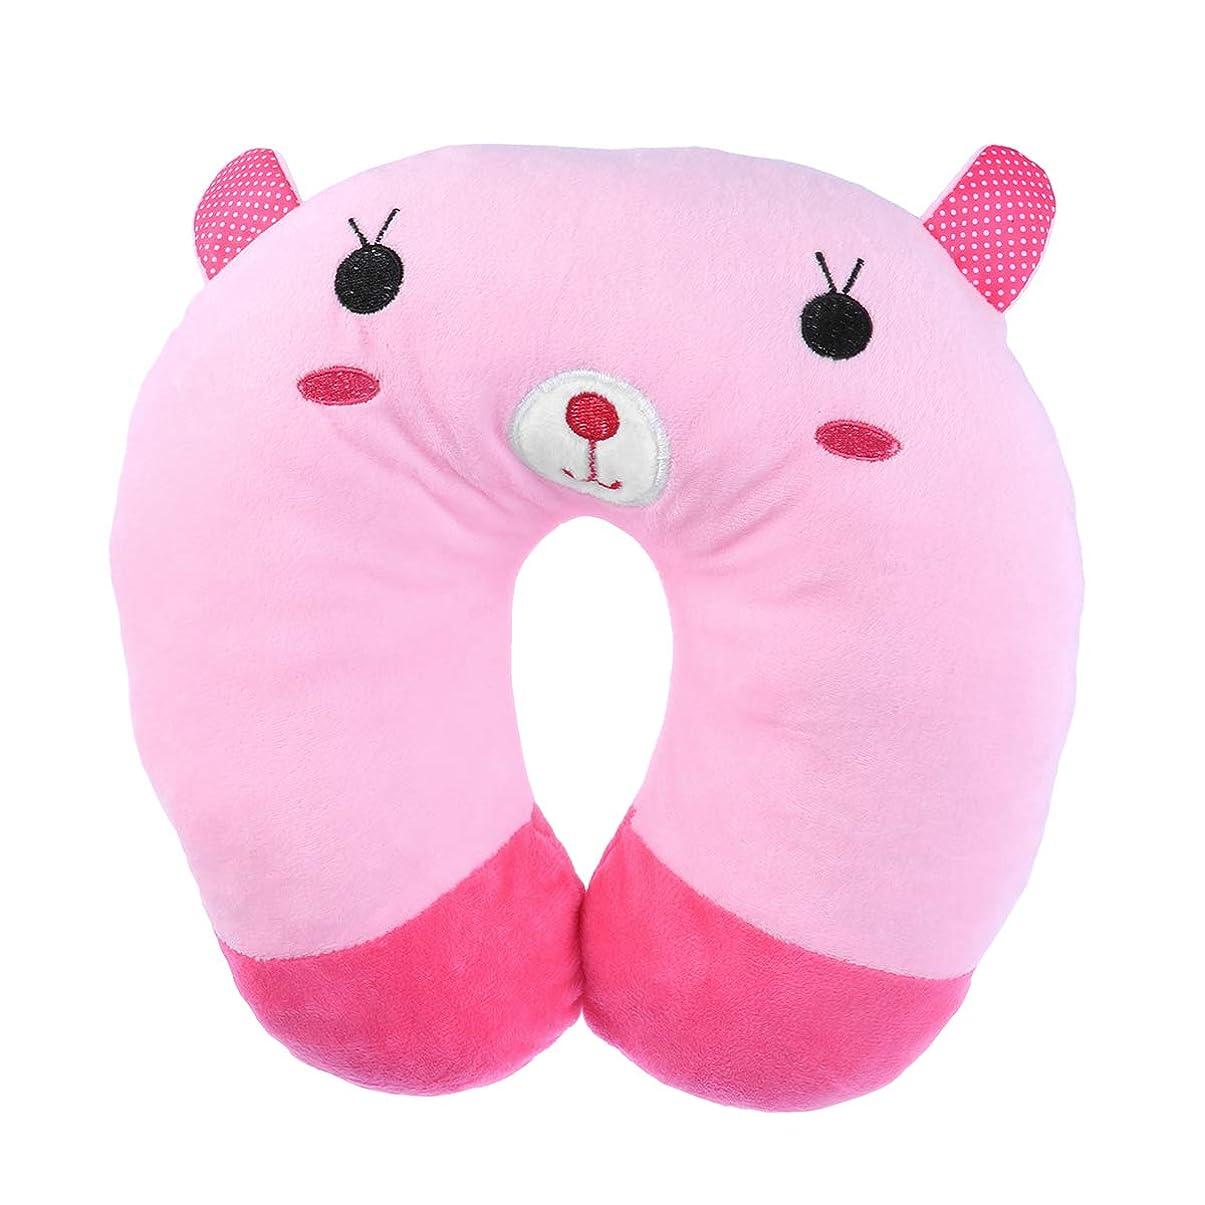 チャンバー定義するプロペラHEALIFTY 首牽引枕漫画ぬいぐるみU字型枕首サポートクッション旅行枕飛行機のために車(ピンクのウサギ)